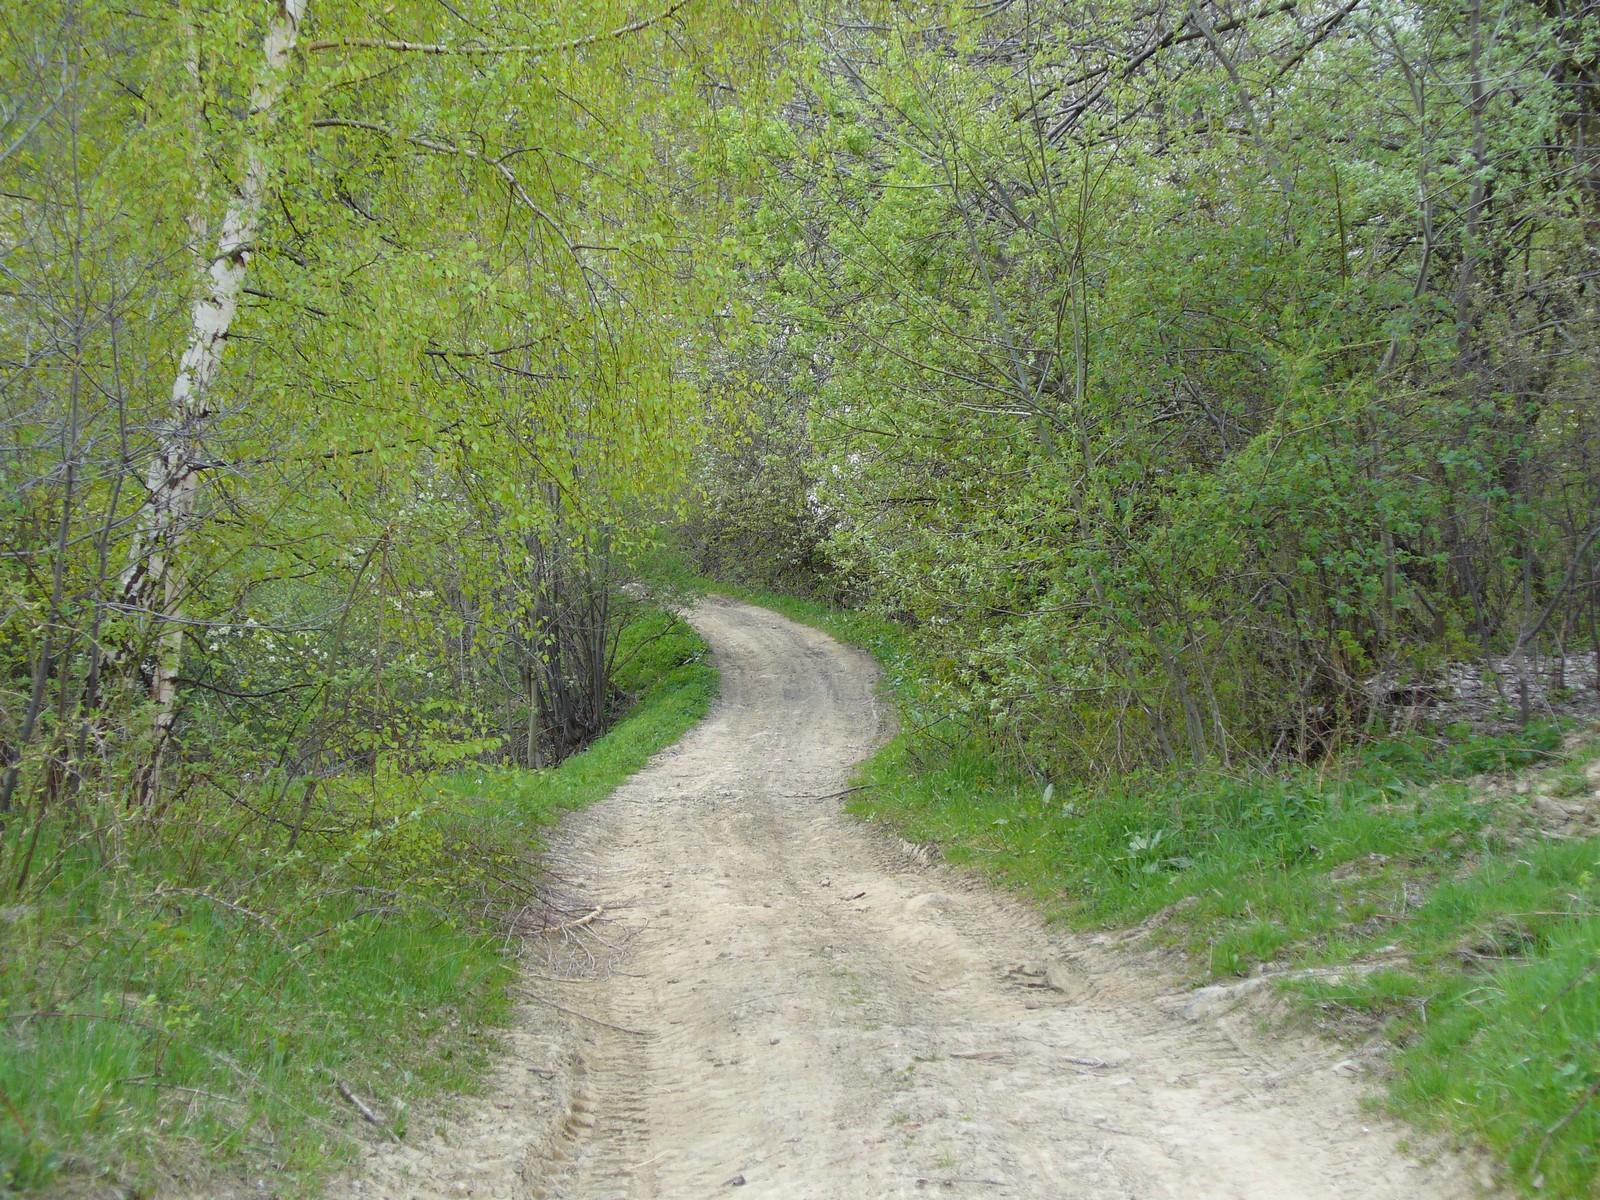 Droga przez zieleń